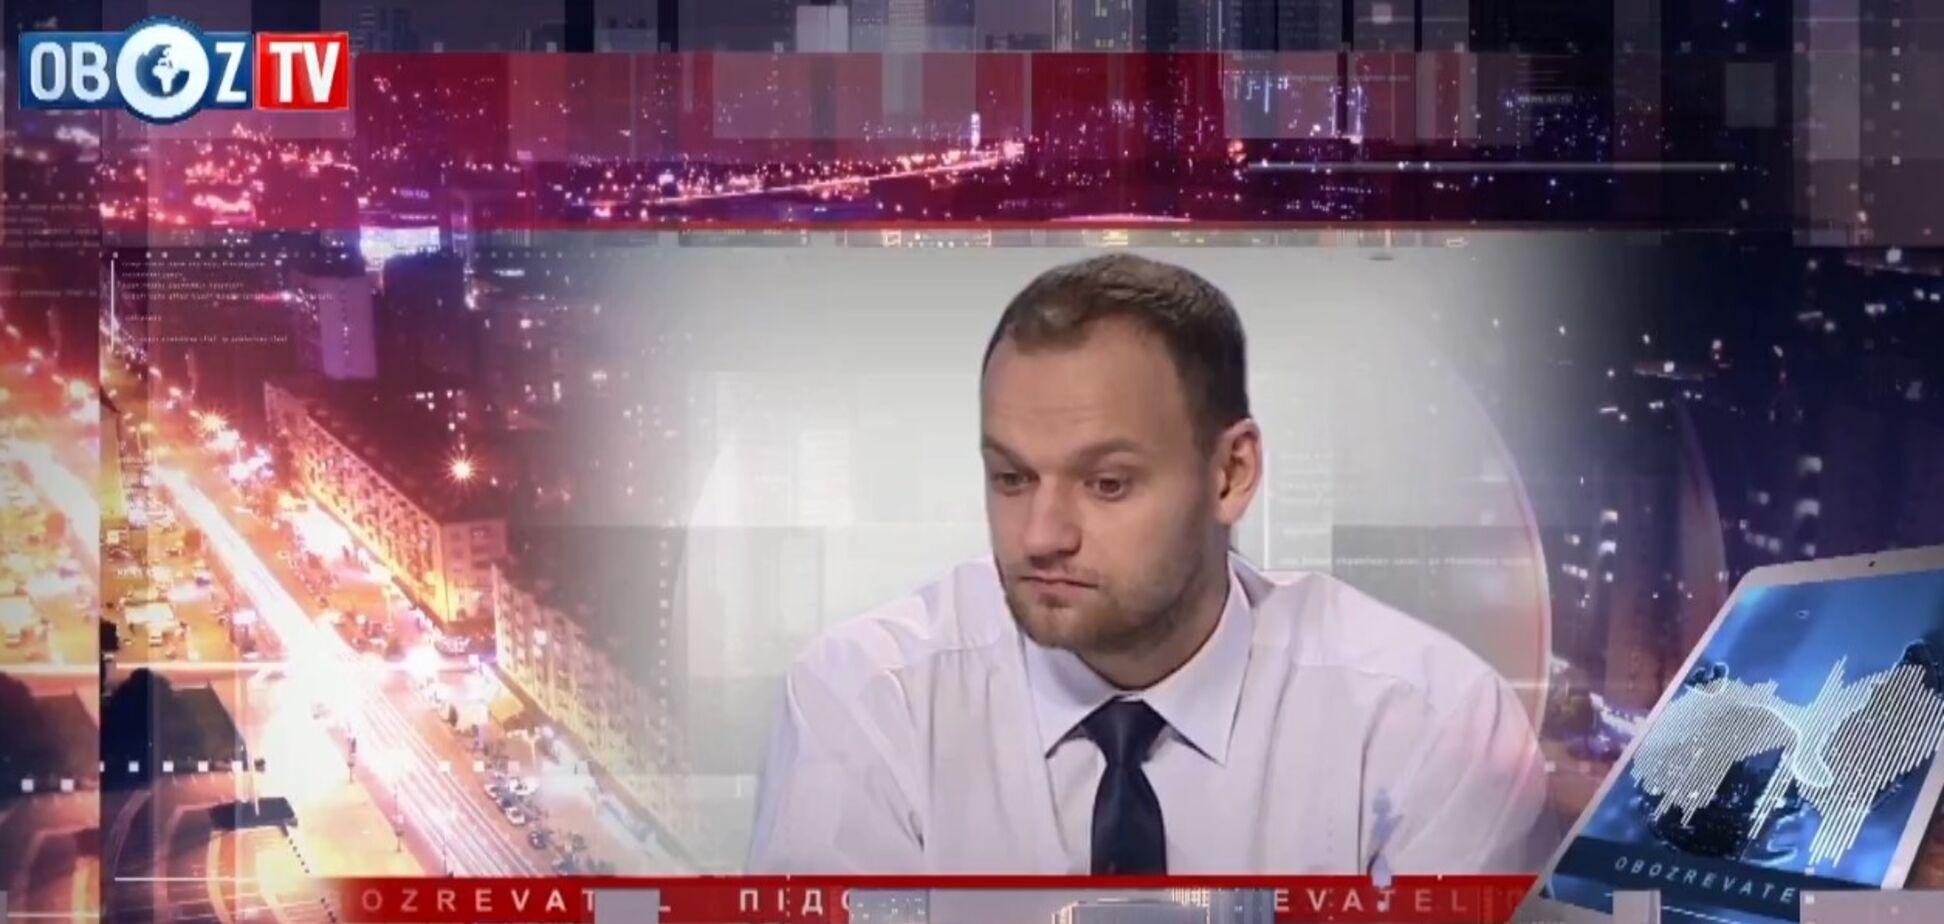 Більшість українців не підтримує курс держави: коментар політичного експерта